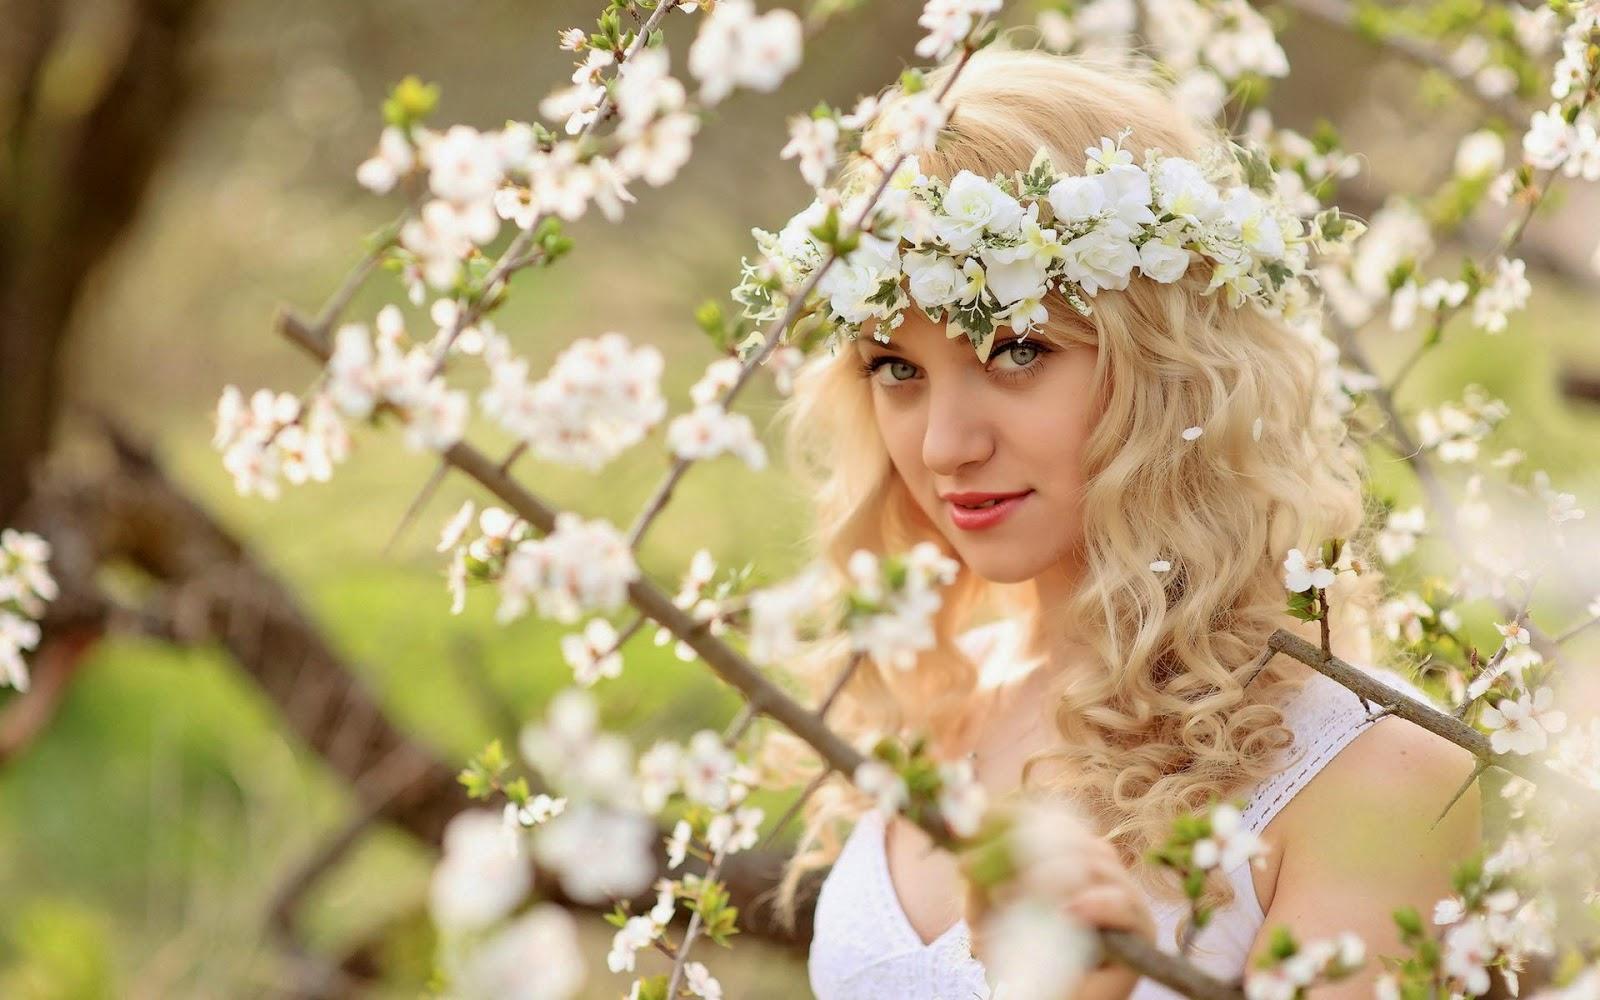 Ảnh hoa dại và thiếu nữ đẹp